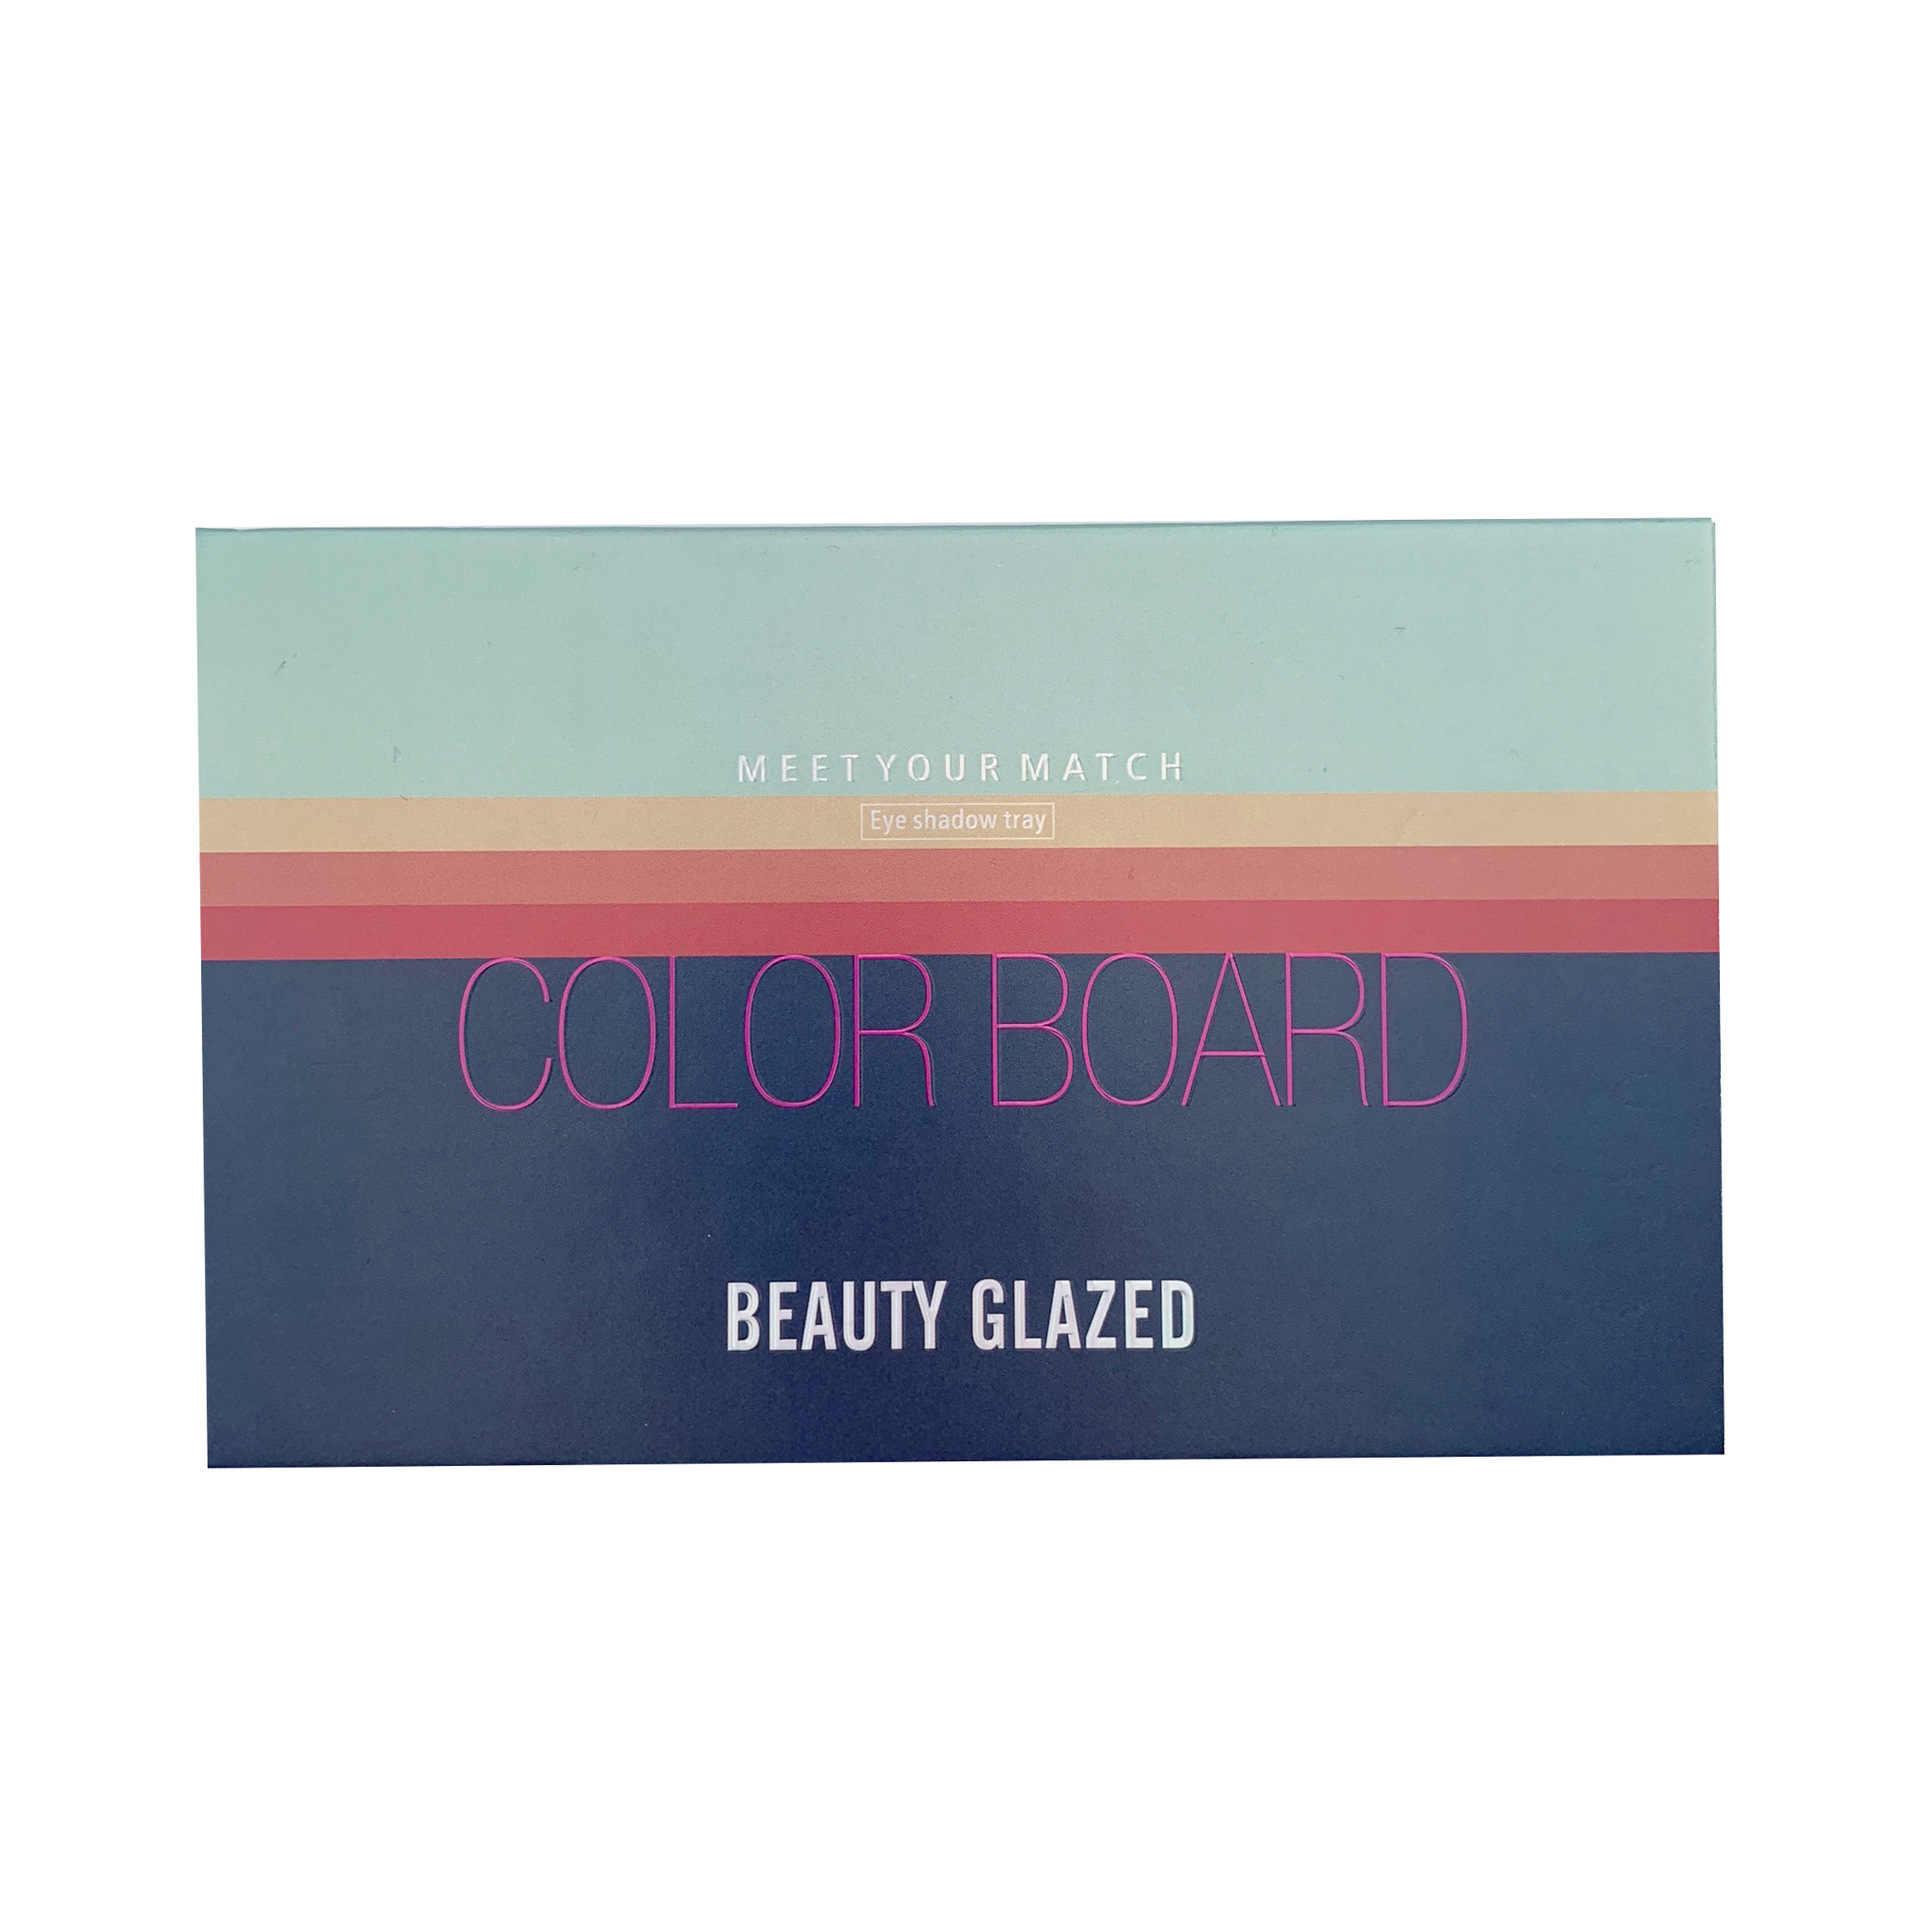 美容施釉新 60 色ボードアイシャドウパレット防水メイクパレットシマーマットリッターアイシャドーパレット化粧品